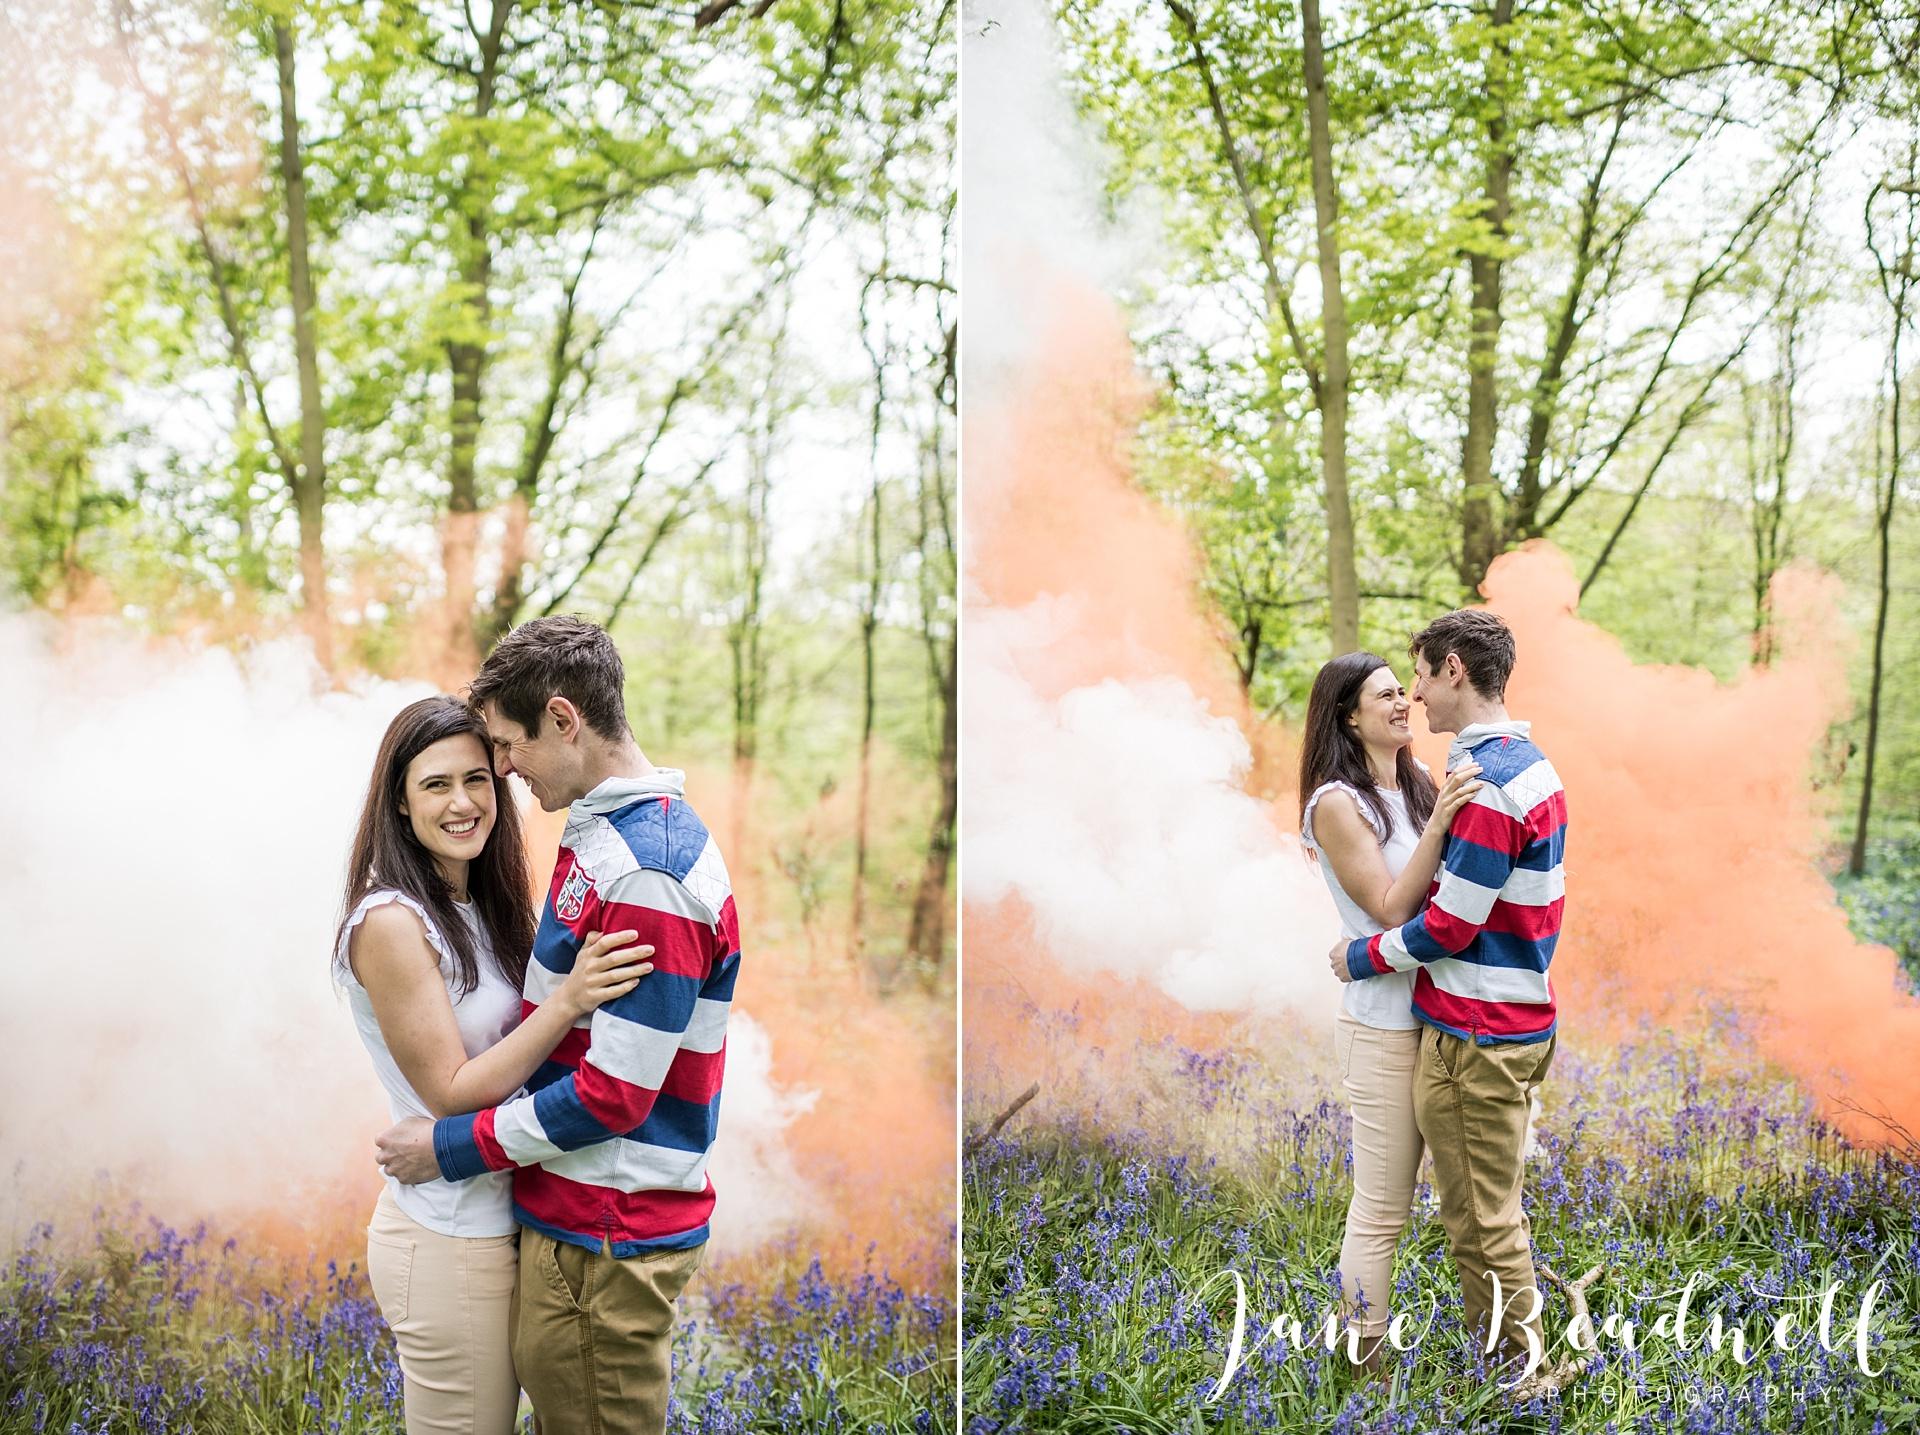 Yorkshire Sculpture Park Engagement Shoot Leeds wedding photographer Jane Beadnell_0057